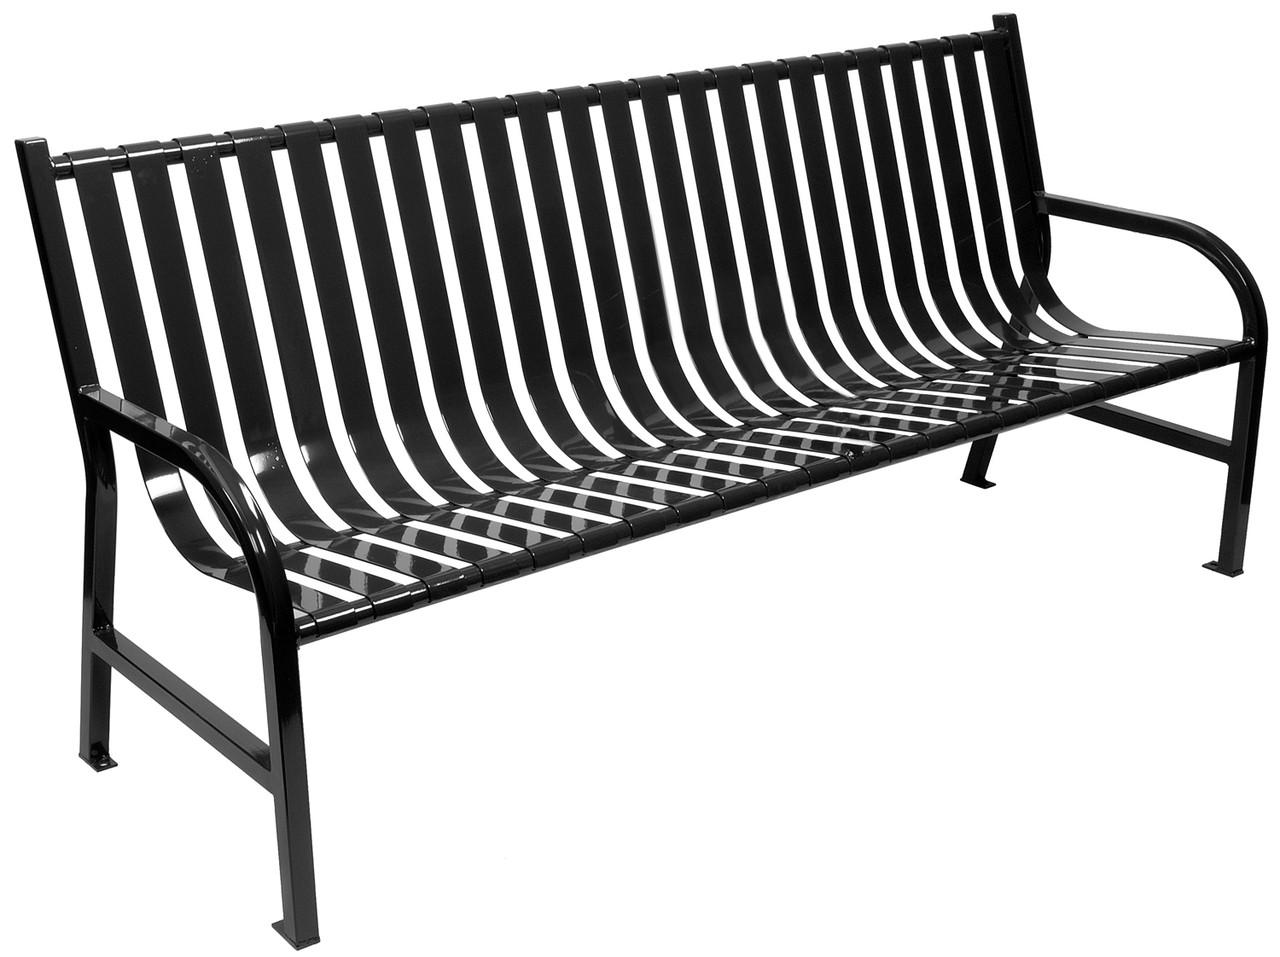 6 Foot Oakley Indoor Outdoor Slatted Bench M6 Bch